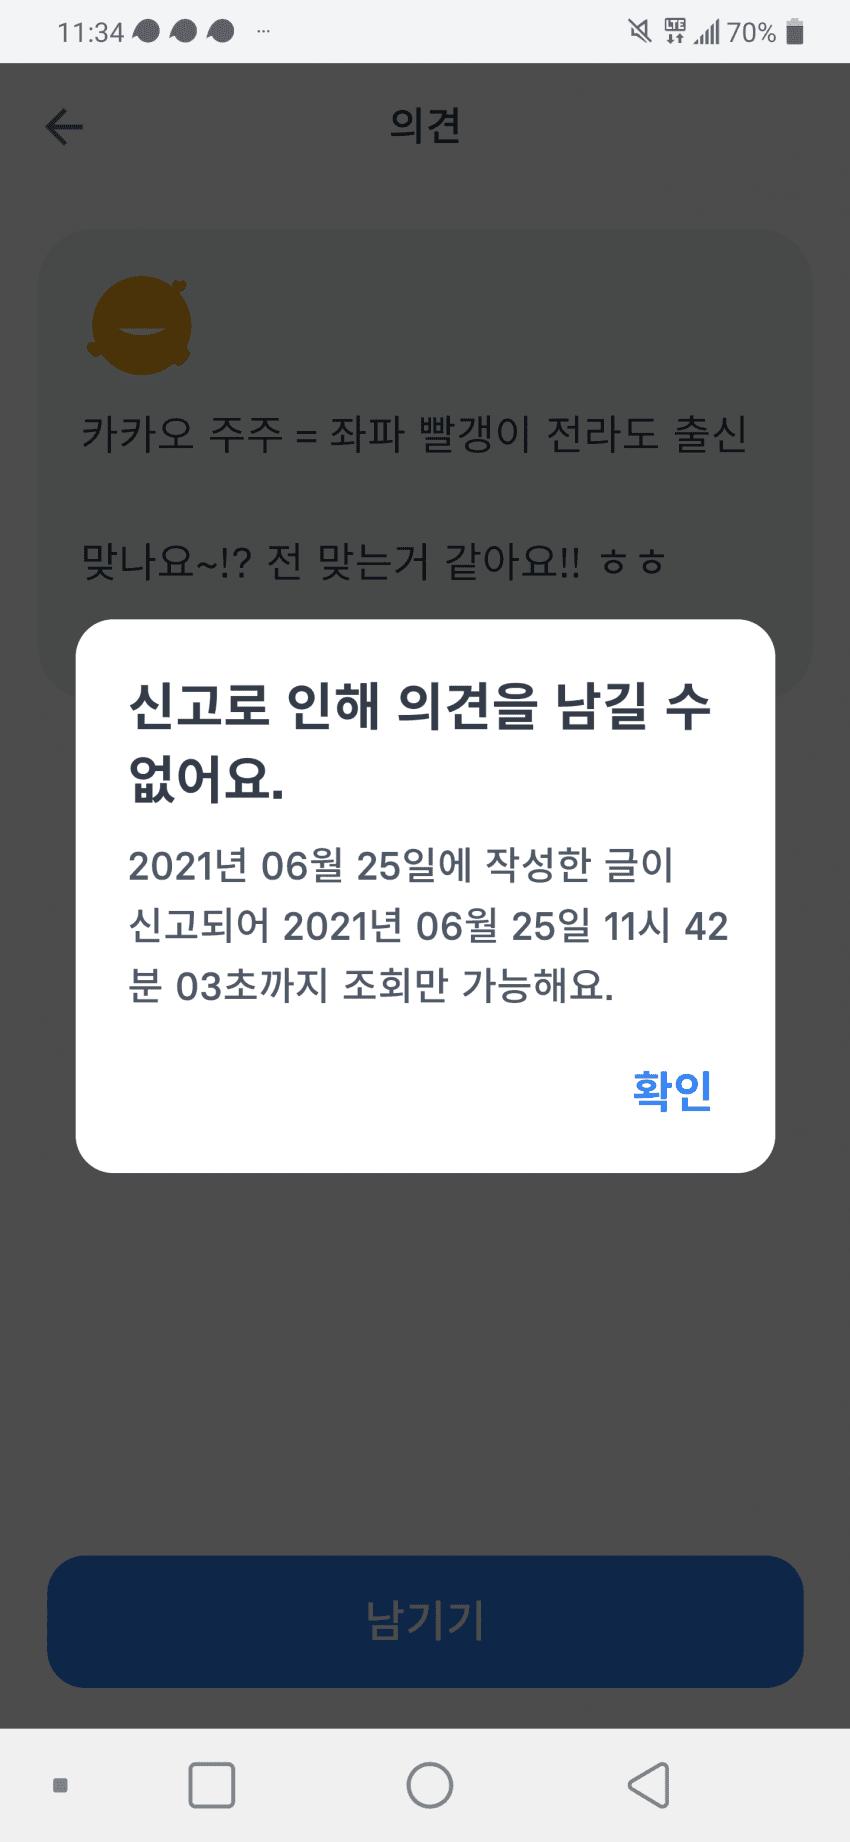 viewimage.php?no=24b0d769e1d32ca73dec8ffa11d02831046ced35d9c2bd23e7054f3c2e8867b5cc79c467f49b709bf53f6ca86107032694c55bd651cdf2a13e95597c795ae1bda700b4837fcdcb0b57b25ca438eb1b0ca9fd0cc4c0e809b66086